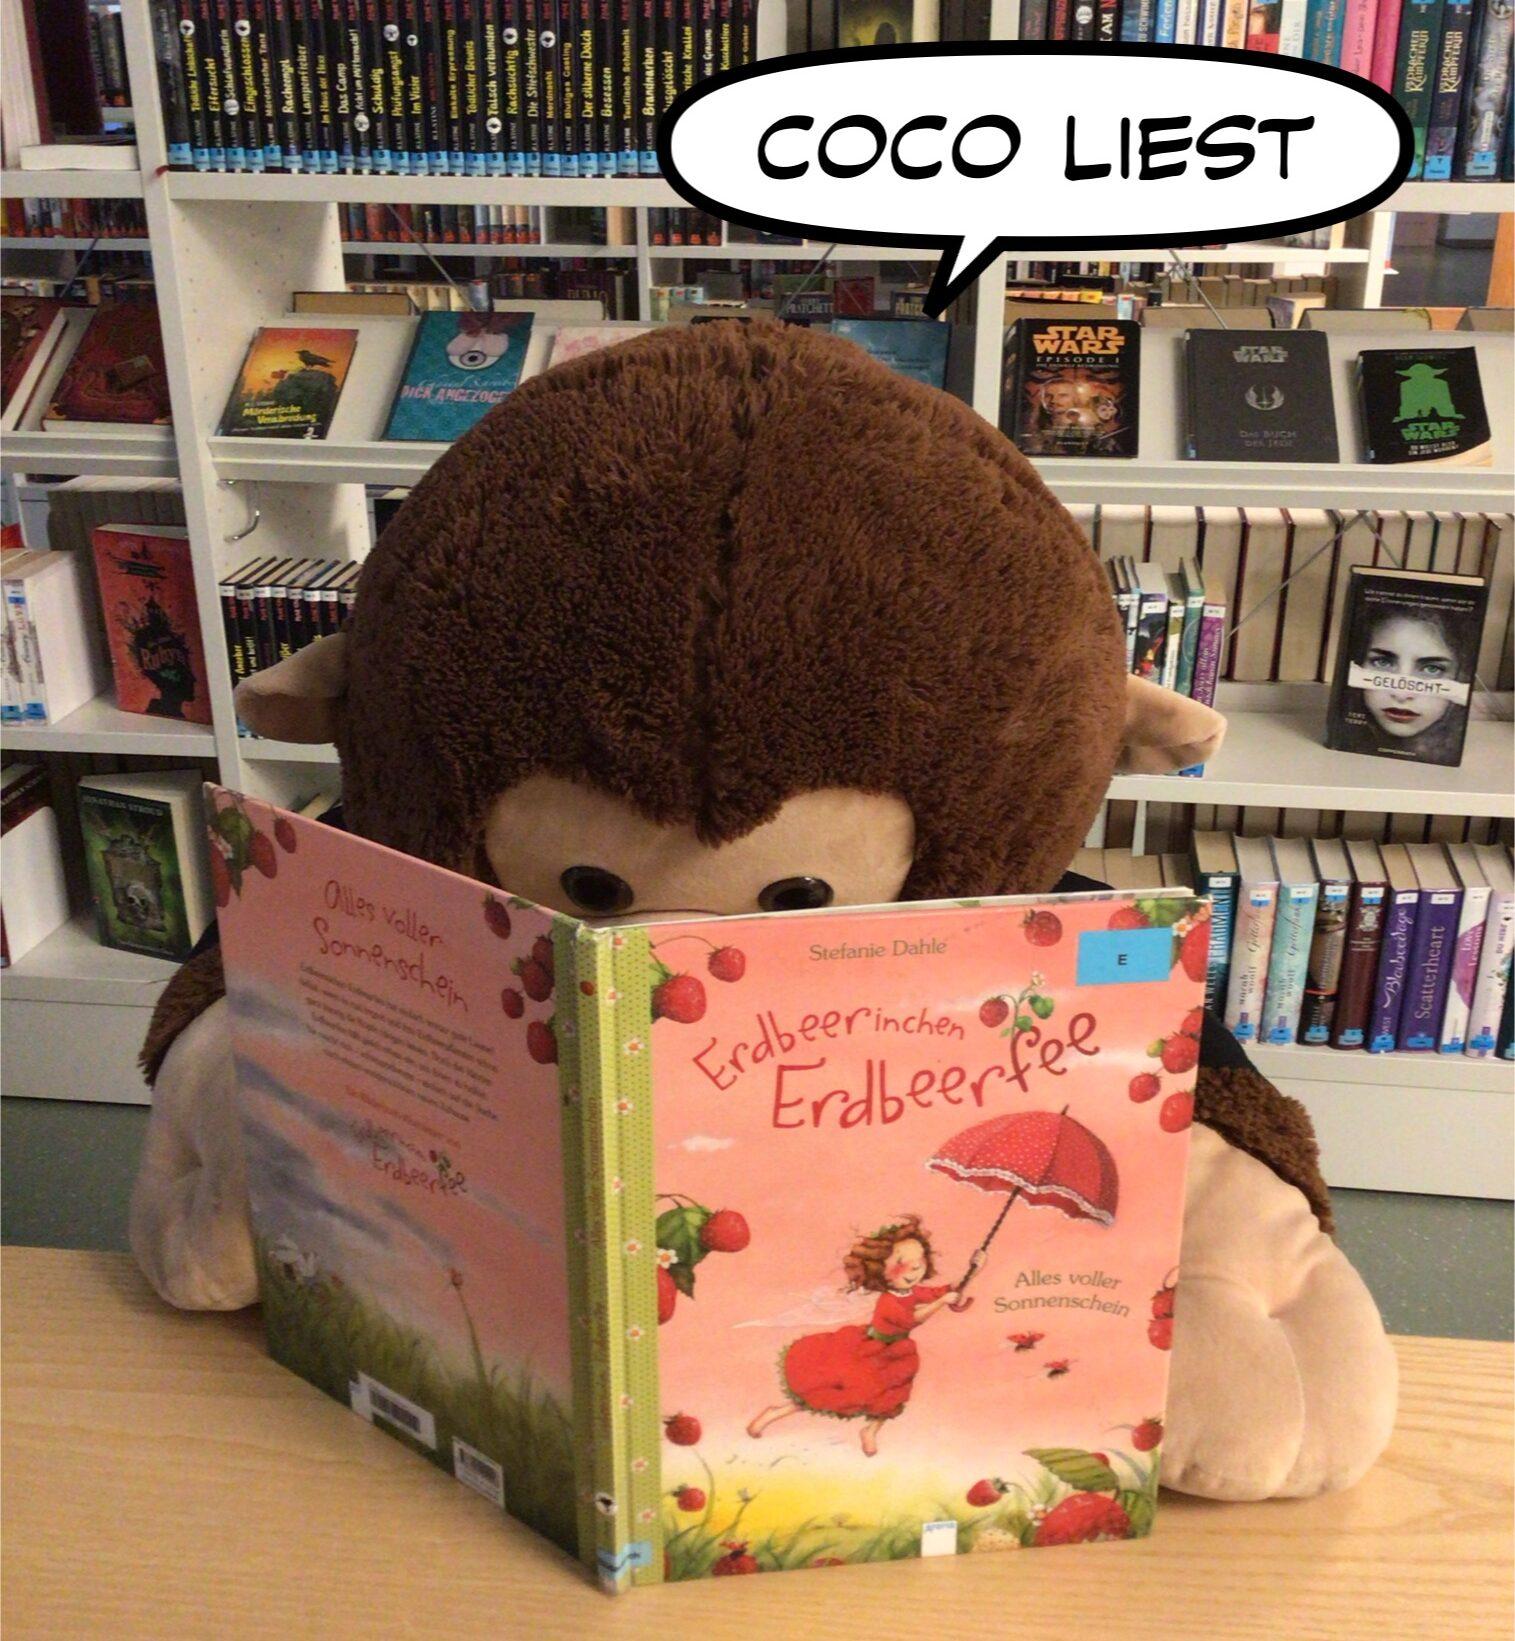 Der Affe Coco liest ein Bilderbuch